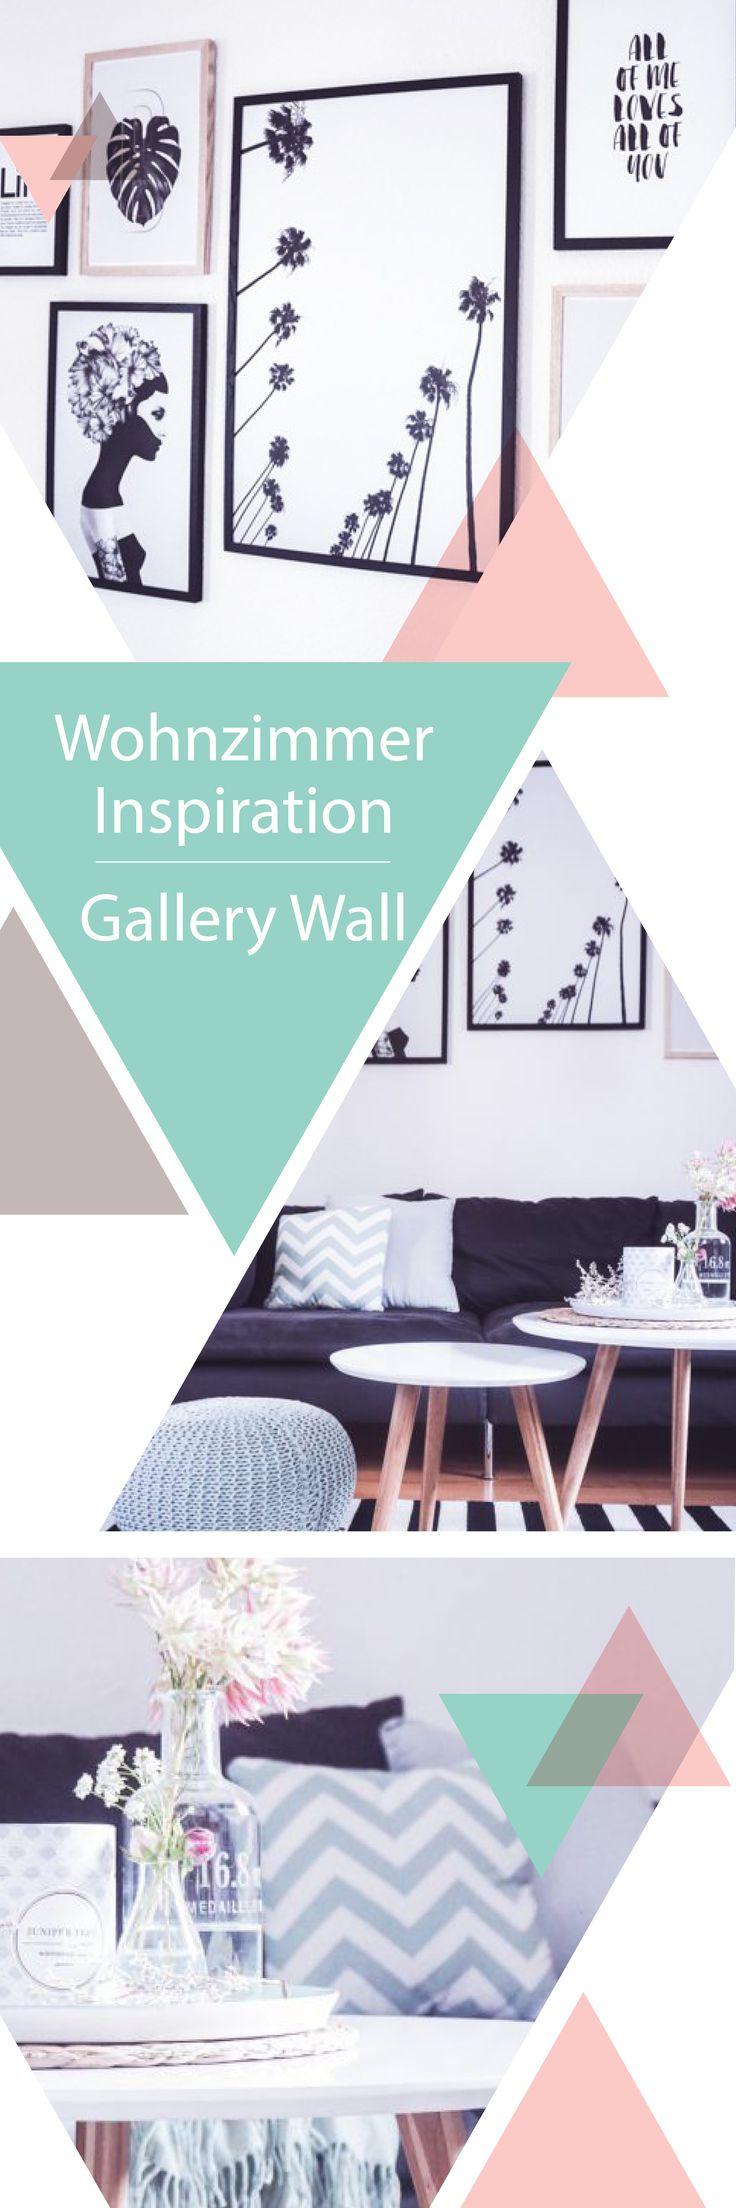 kuhles eckbar im wohnzimmer größten bild oder bdbeeccabdabeecc gallery wall